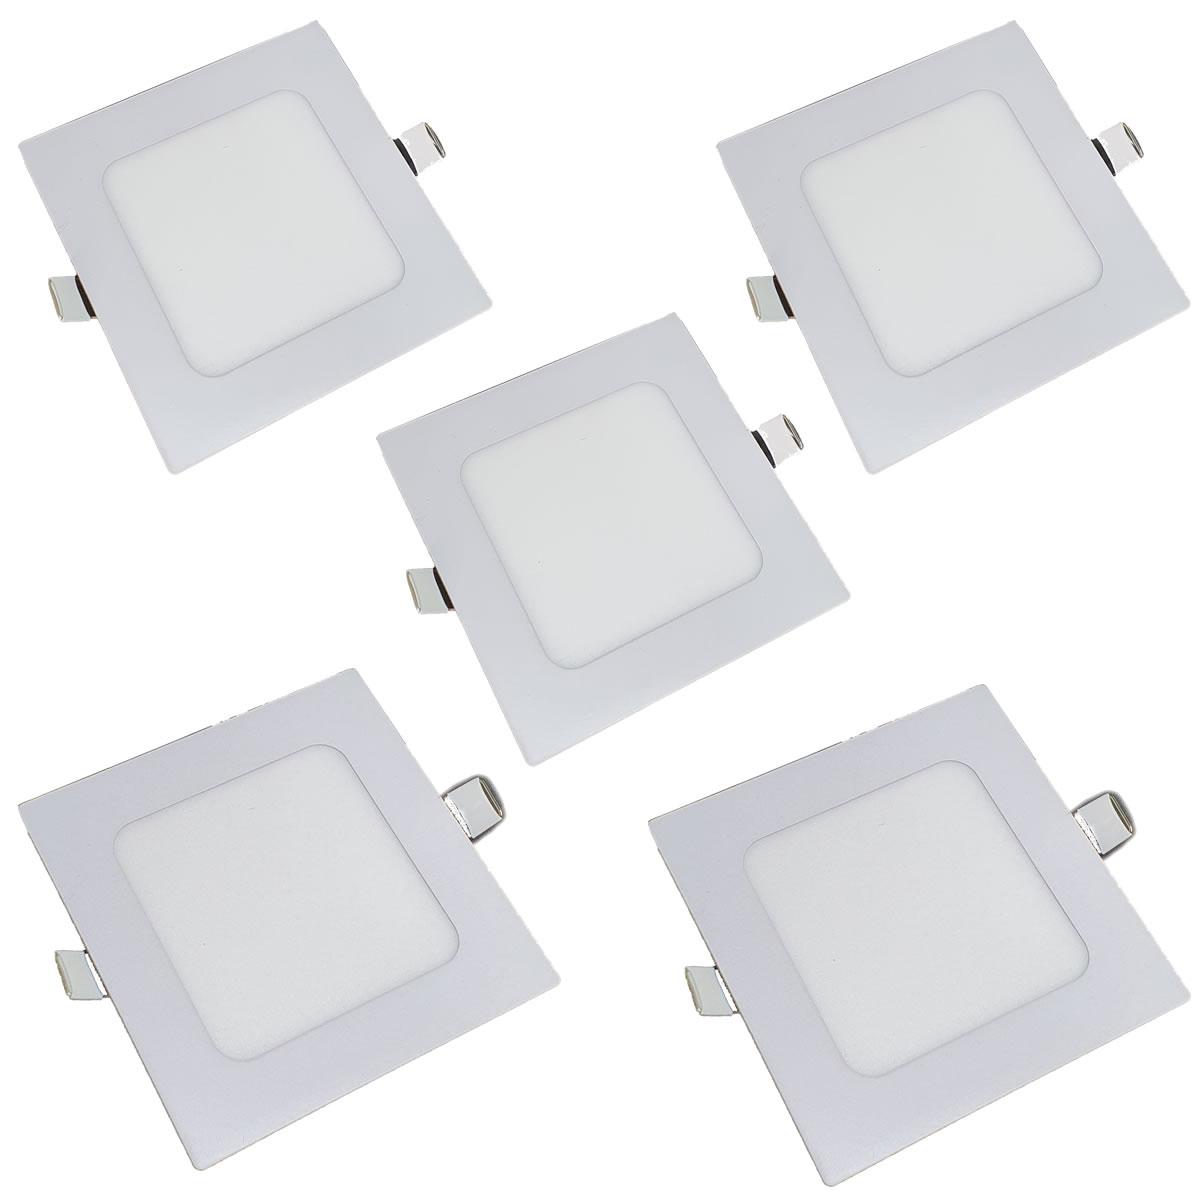 KIT 5 Painel Plafon LED 6w Quadrado Embutir Branco Quente Luminária